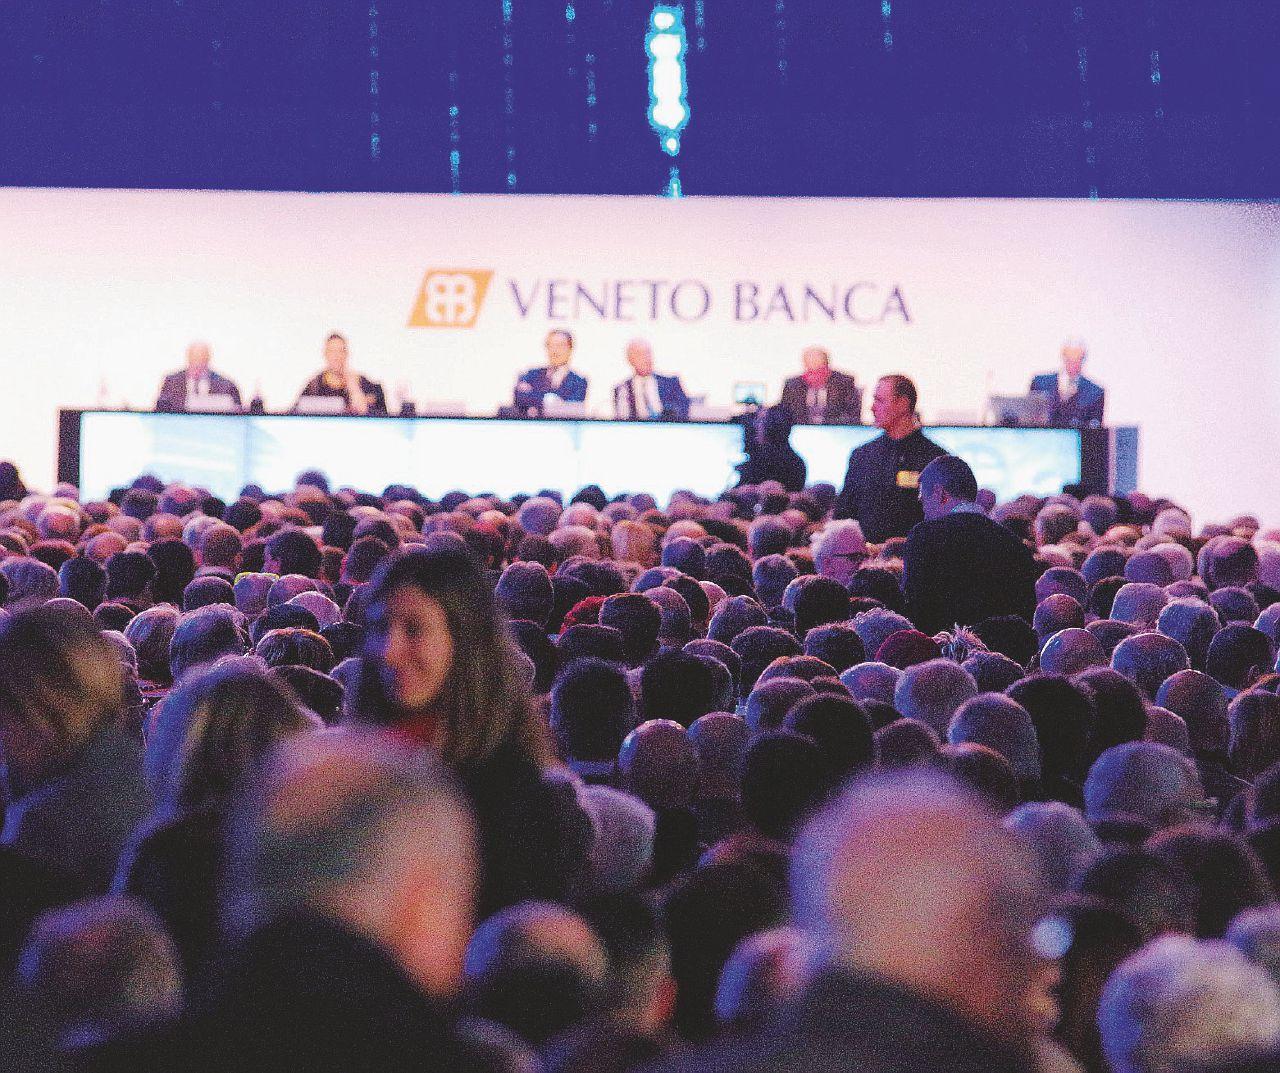 Emergenza credito, dopo Vicenza tocca a Veneto Banca